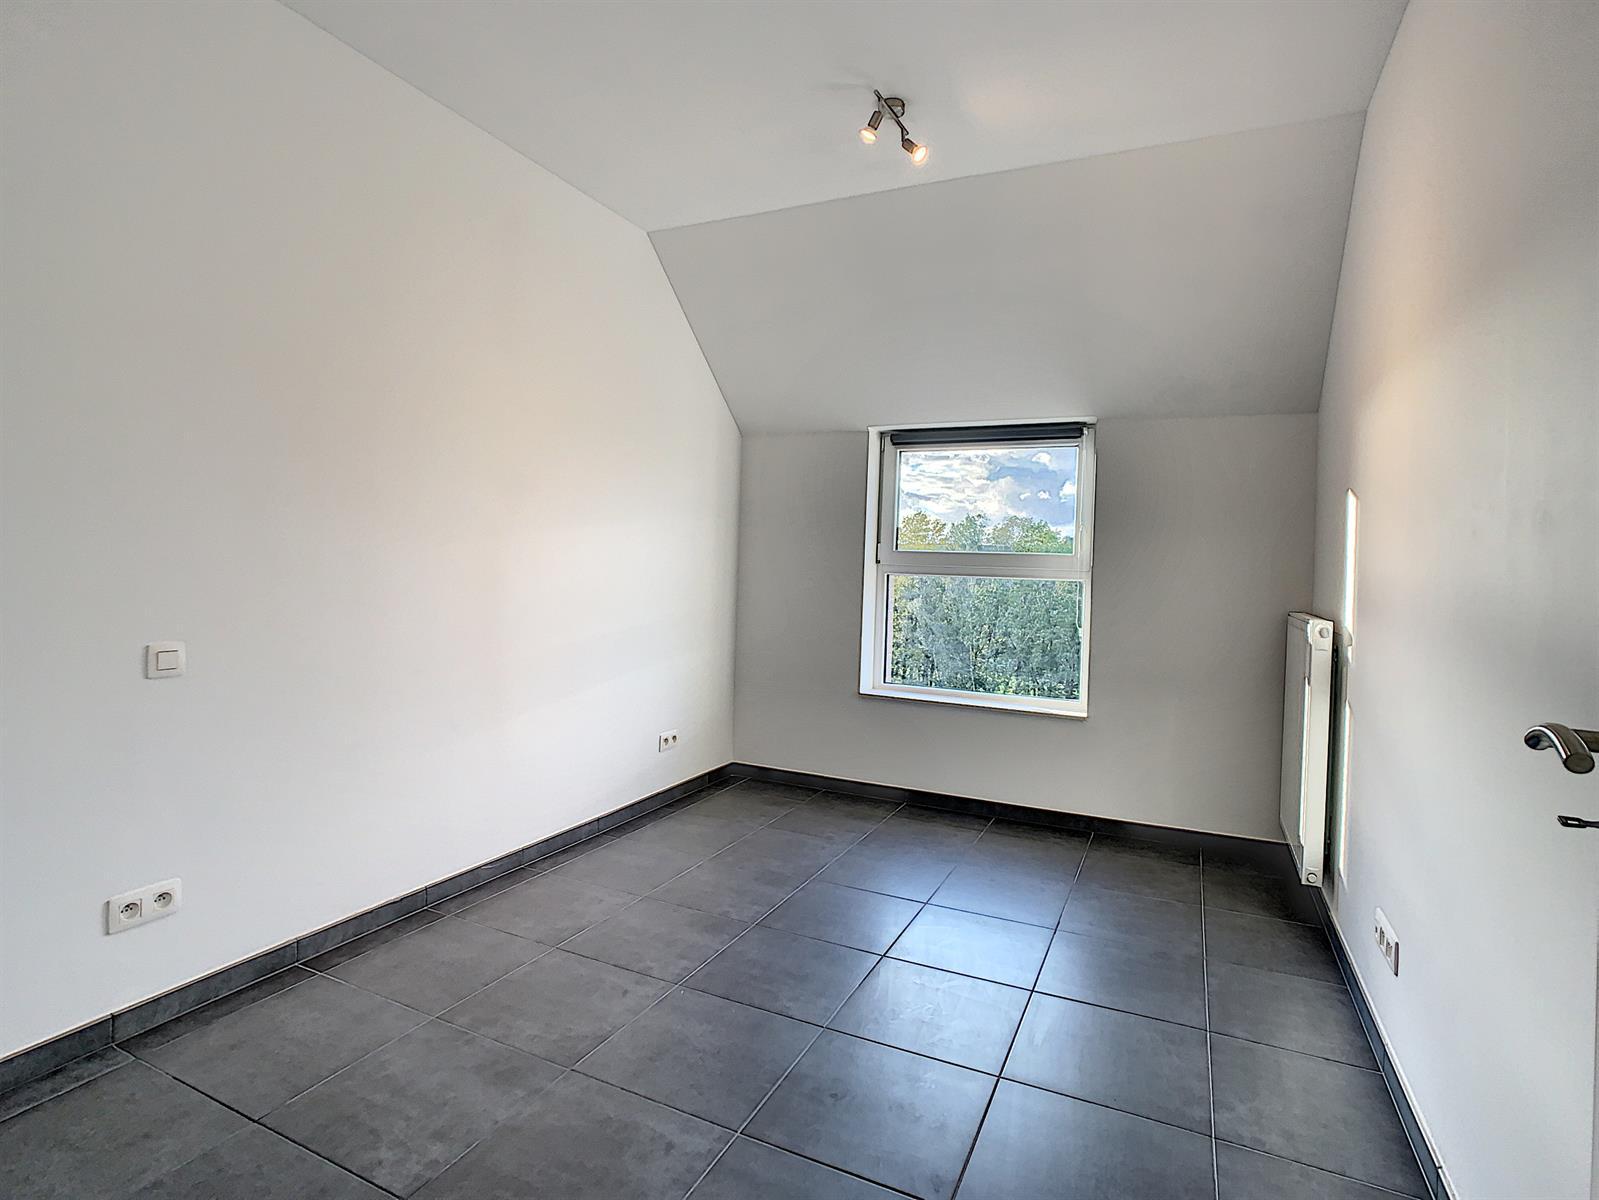 Appartement - Louvain-la-Neuve - #4198266-3